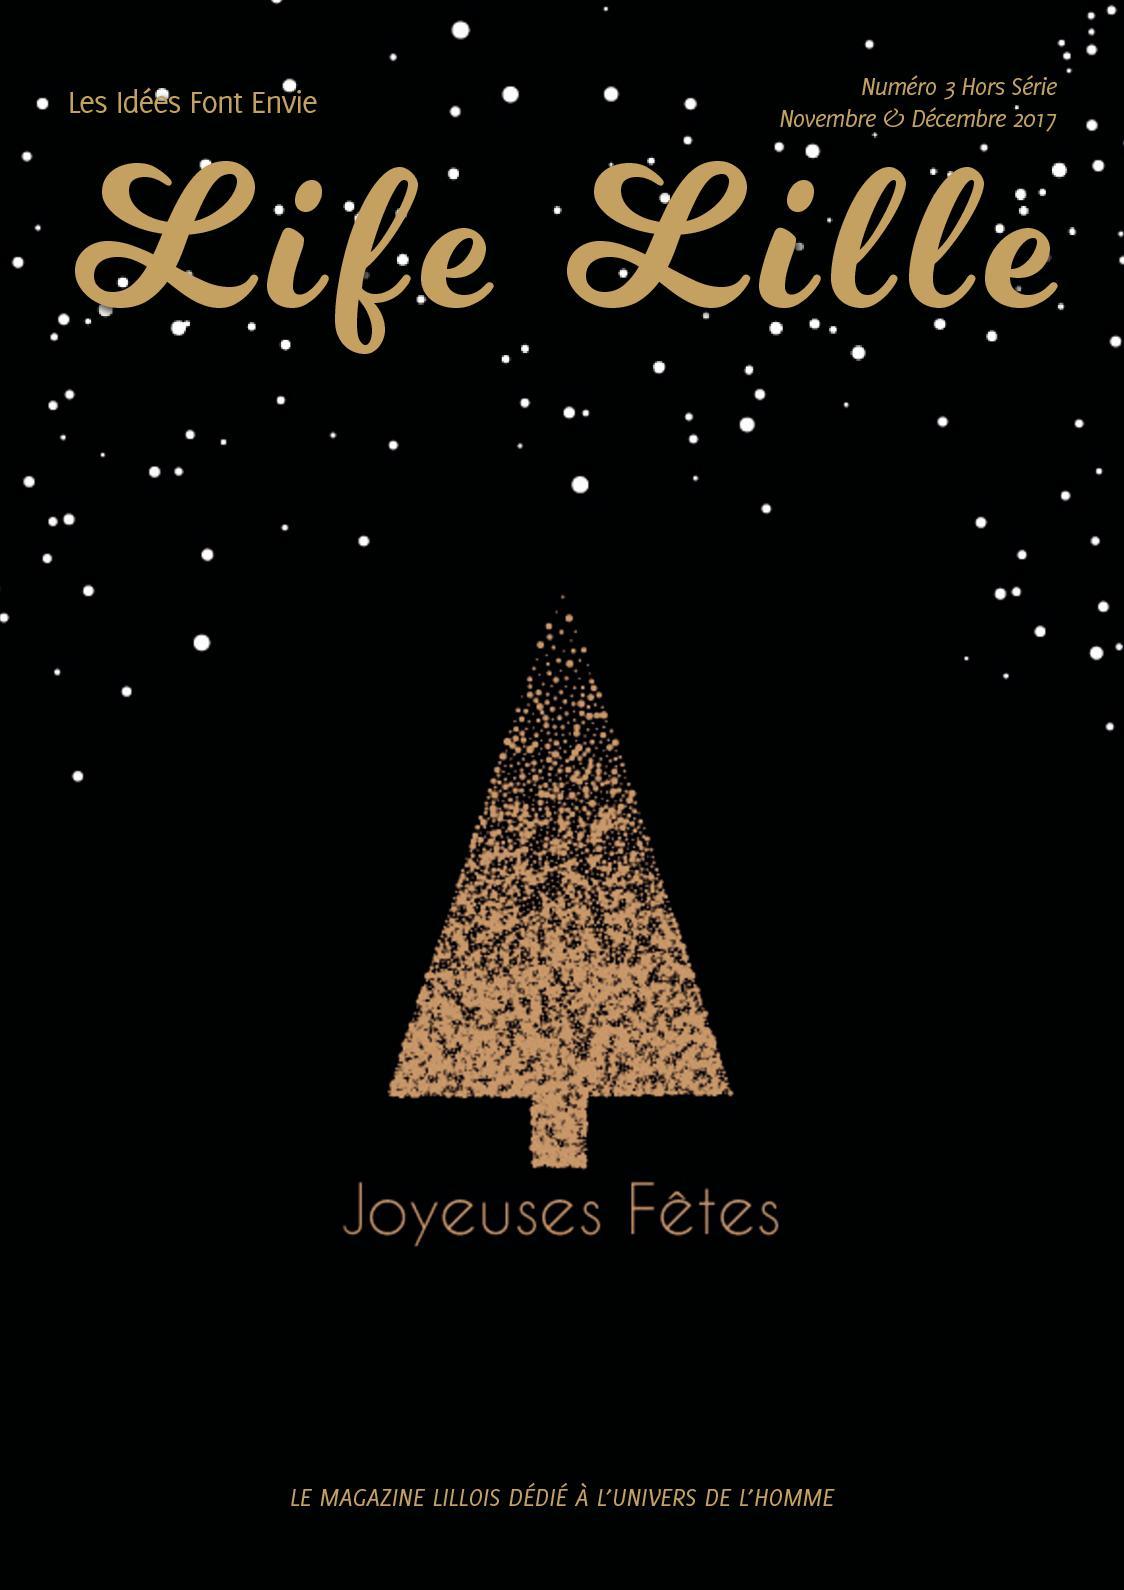 Nov Série Calaméo dec Life Lille 2017 Hors Numéro 3 E4a6q